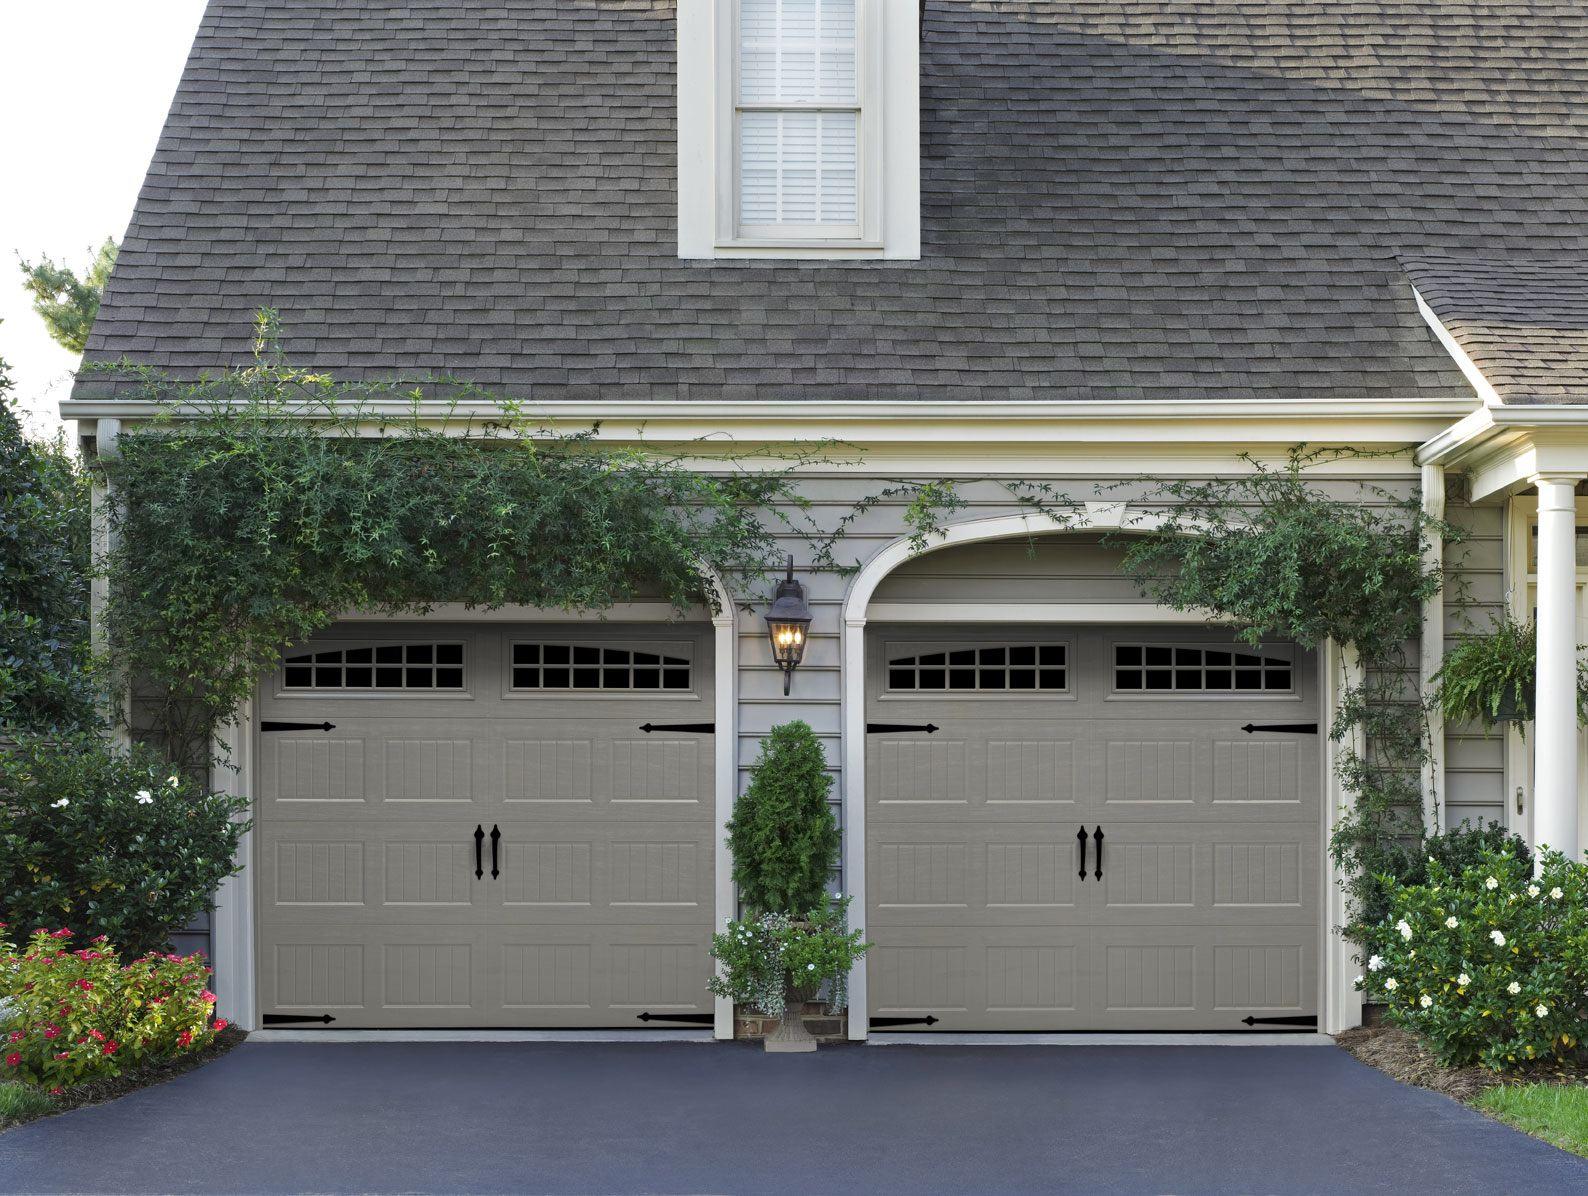 1196 #66463D The Garage Door Depot Whitehorse's #1 Garage Door Company save image Amarr Garage Doors Locations 36171588